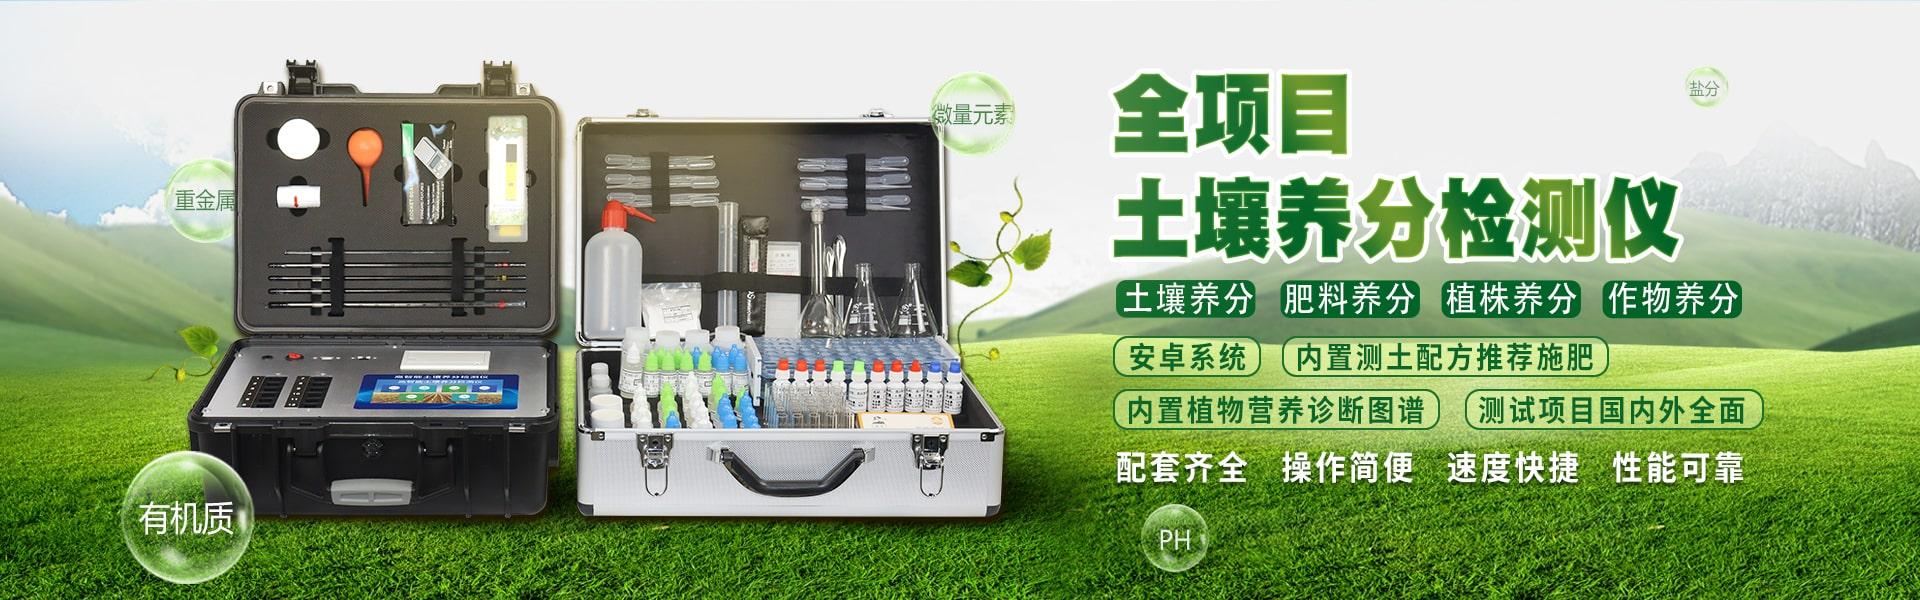 土壤養分速(su)測儀